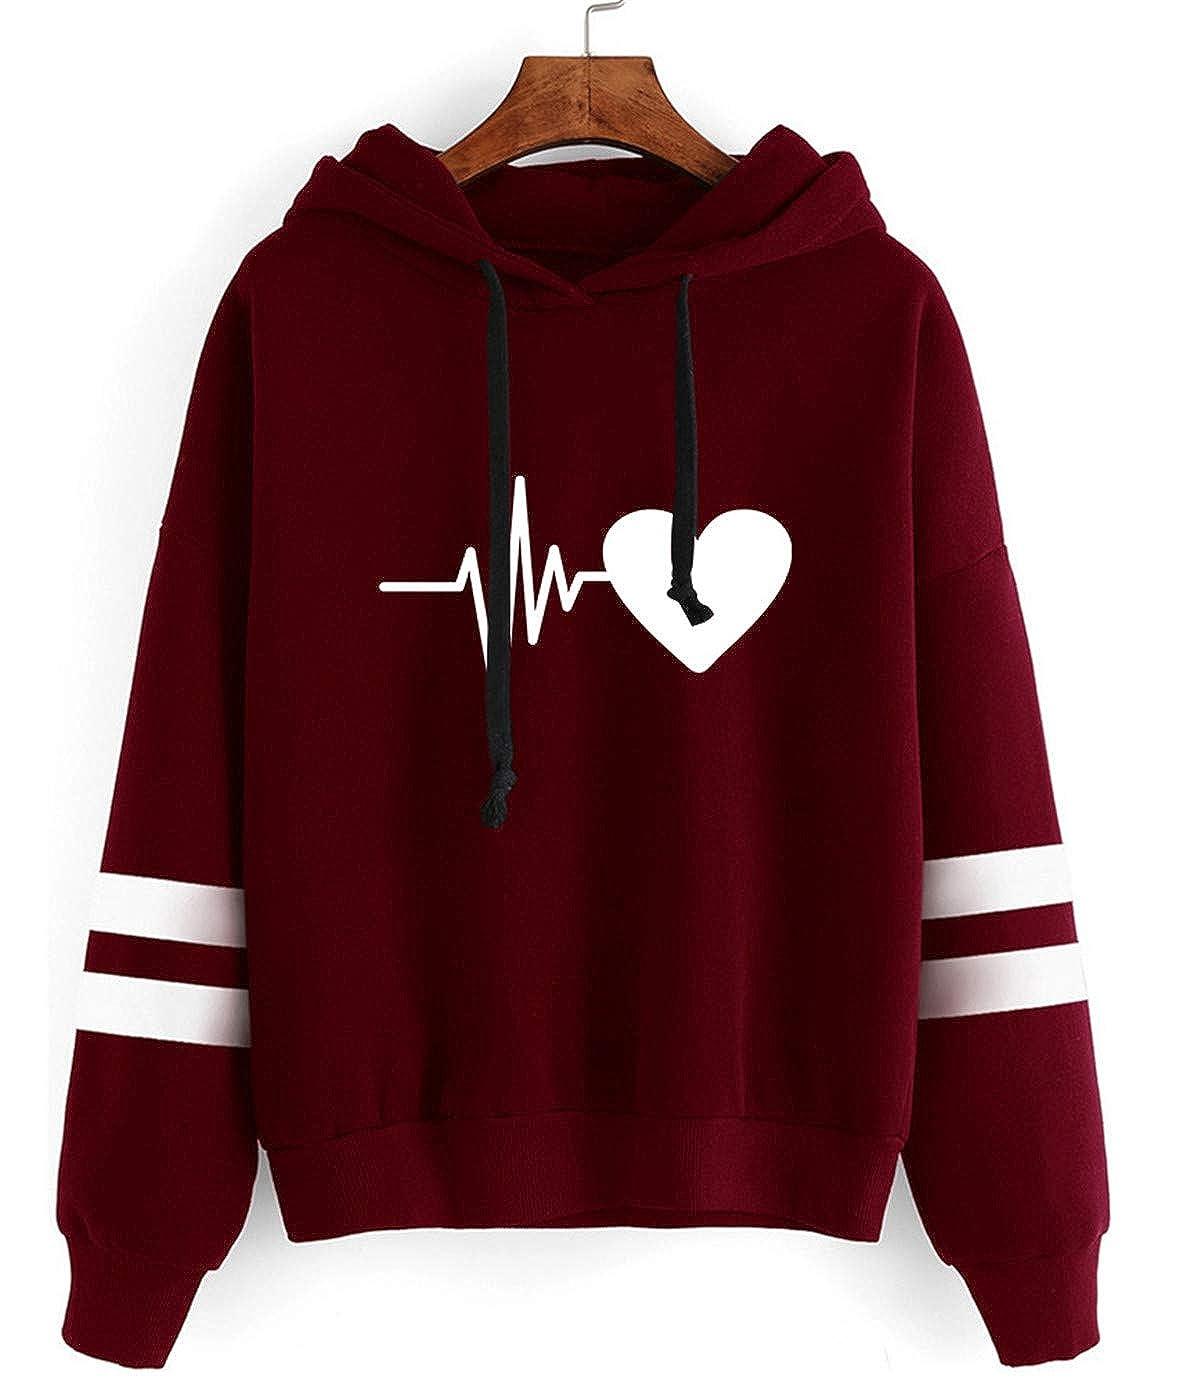 SIMYJOY Sudadera con Capucha Unisex Heartbeat Sudadera con Estampado de electrocardiograma Jersey de Manga Larga a Rayas Moda callejera para Hombres Mujeres